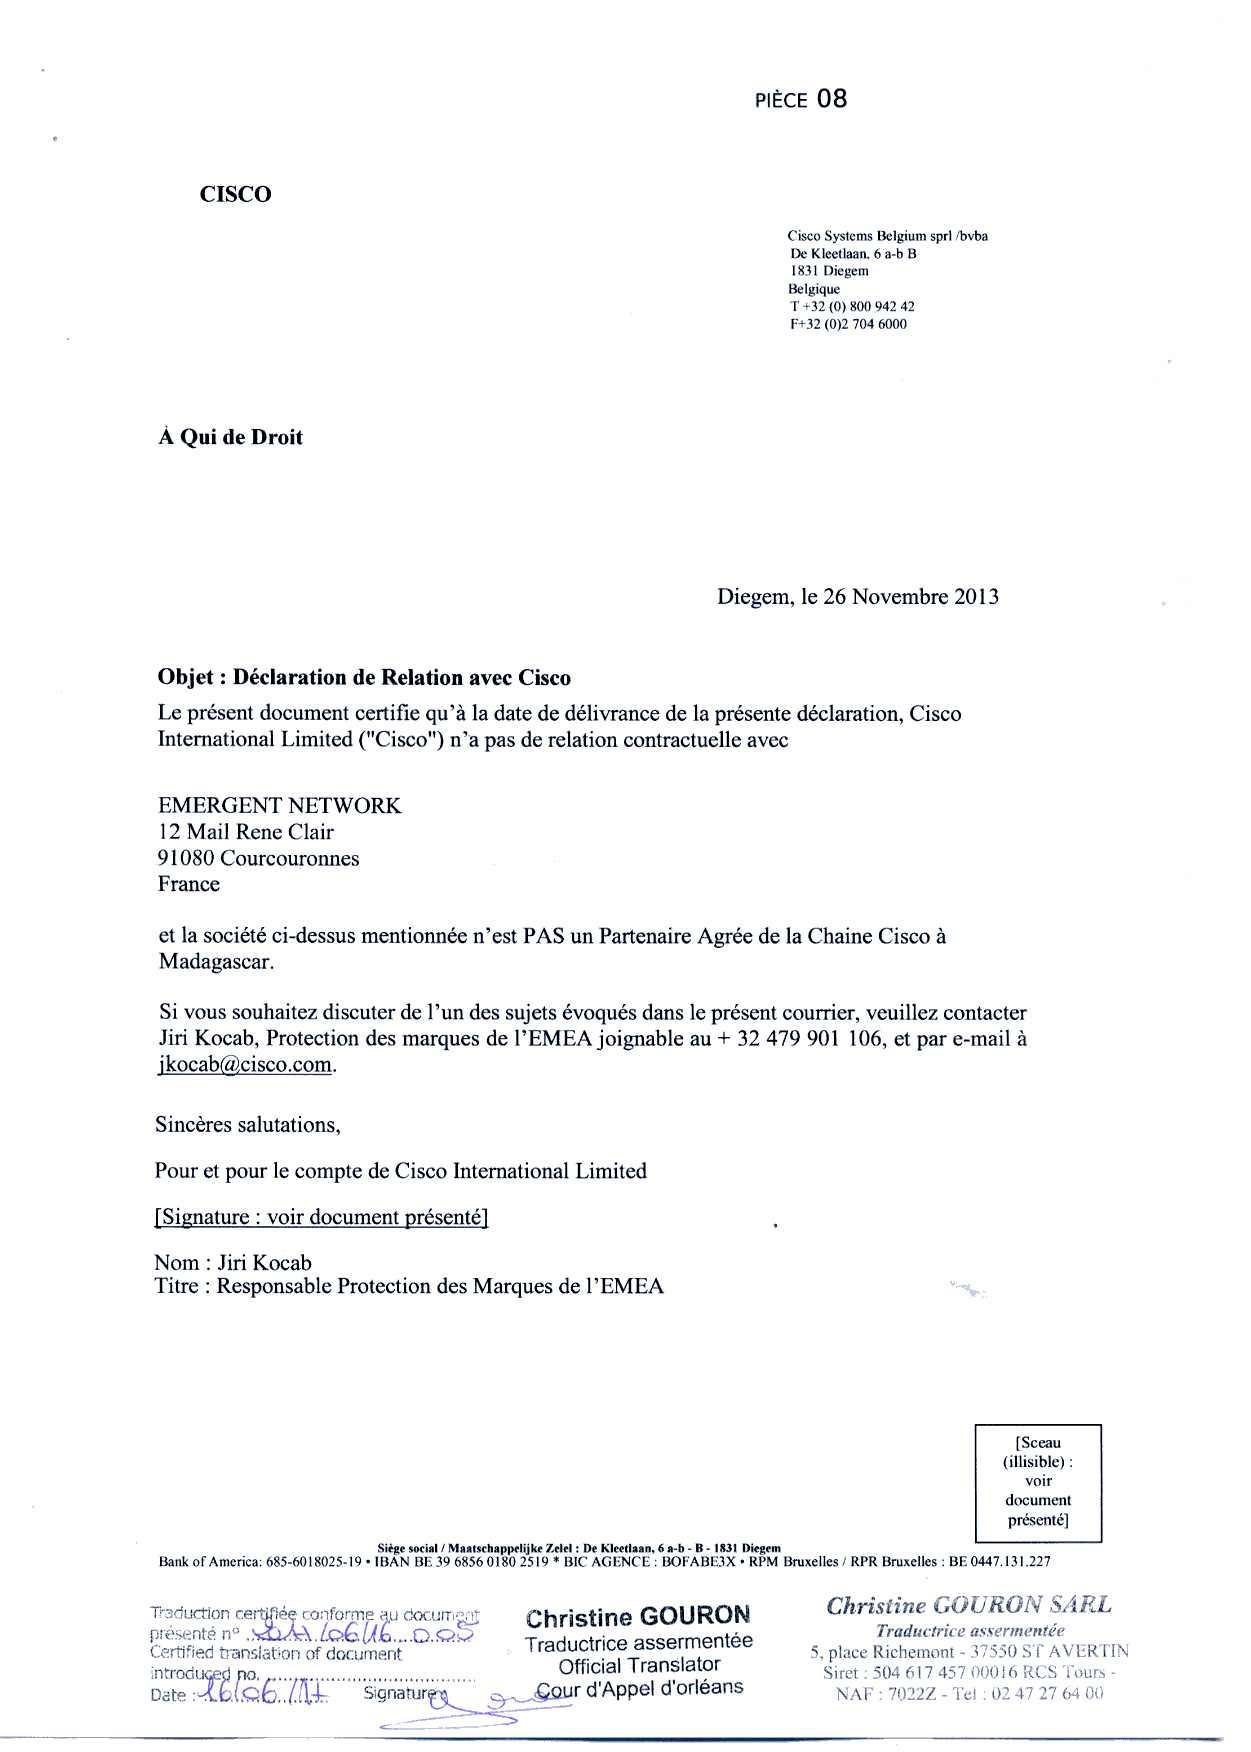 attestation cisco du 26 novembre 2013 traduite par GOURON - RANARISON Tsilavo a dit au grossiste CISCO de facturer EMERGENT la maison mère de CONNECTIC pour les achats de produits CISCO de CONNECTIC.